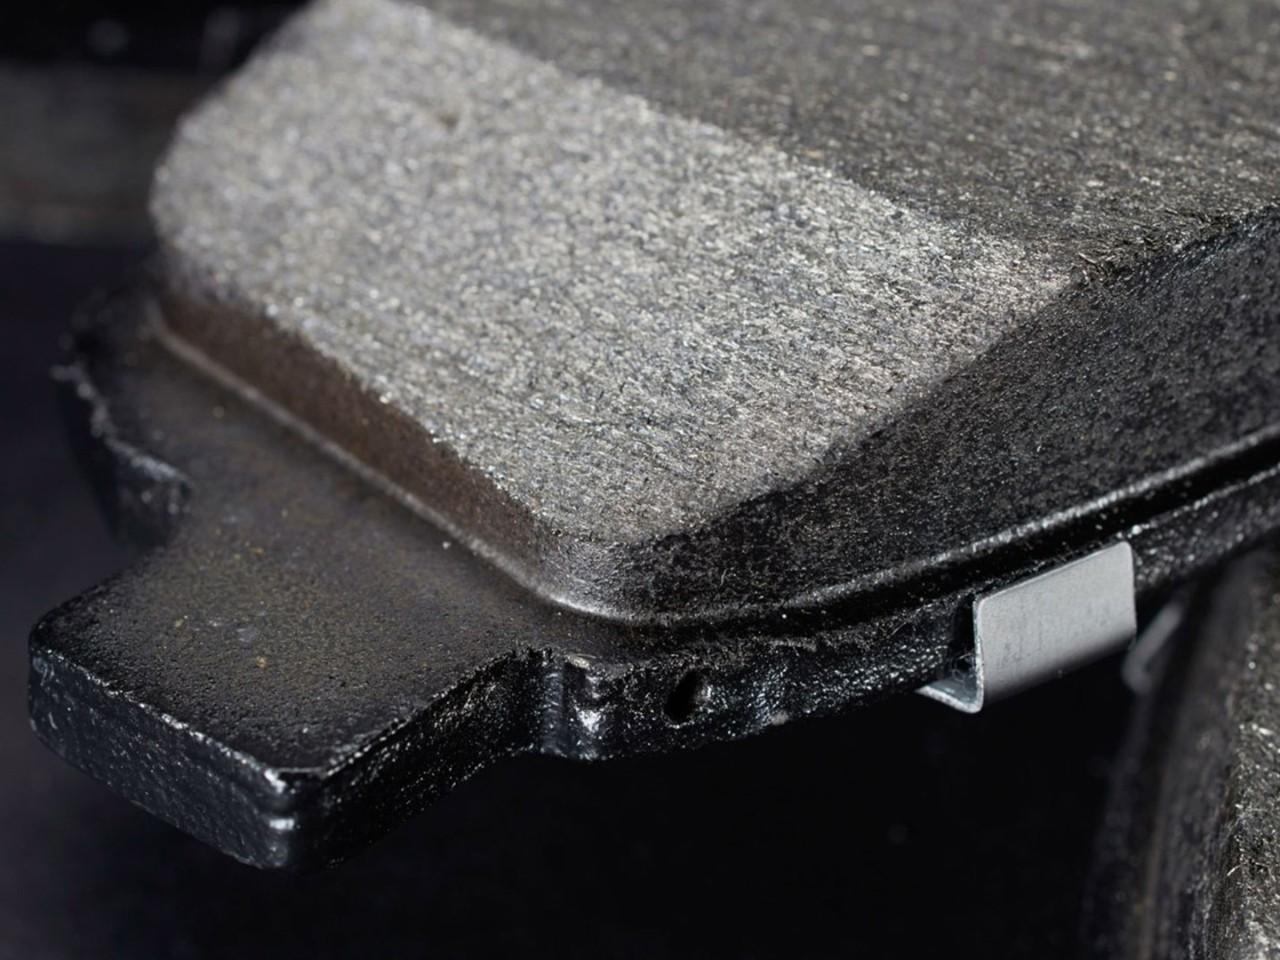 Motorcraft brake pads